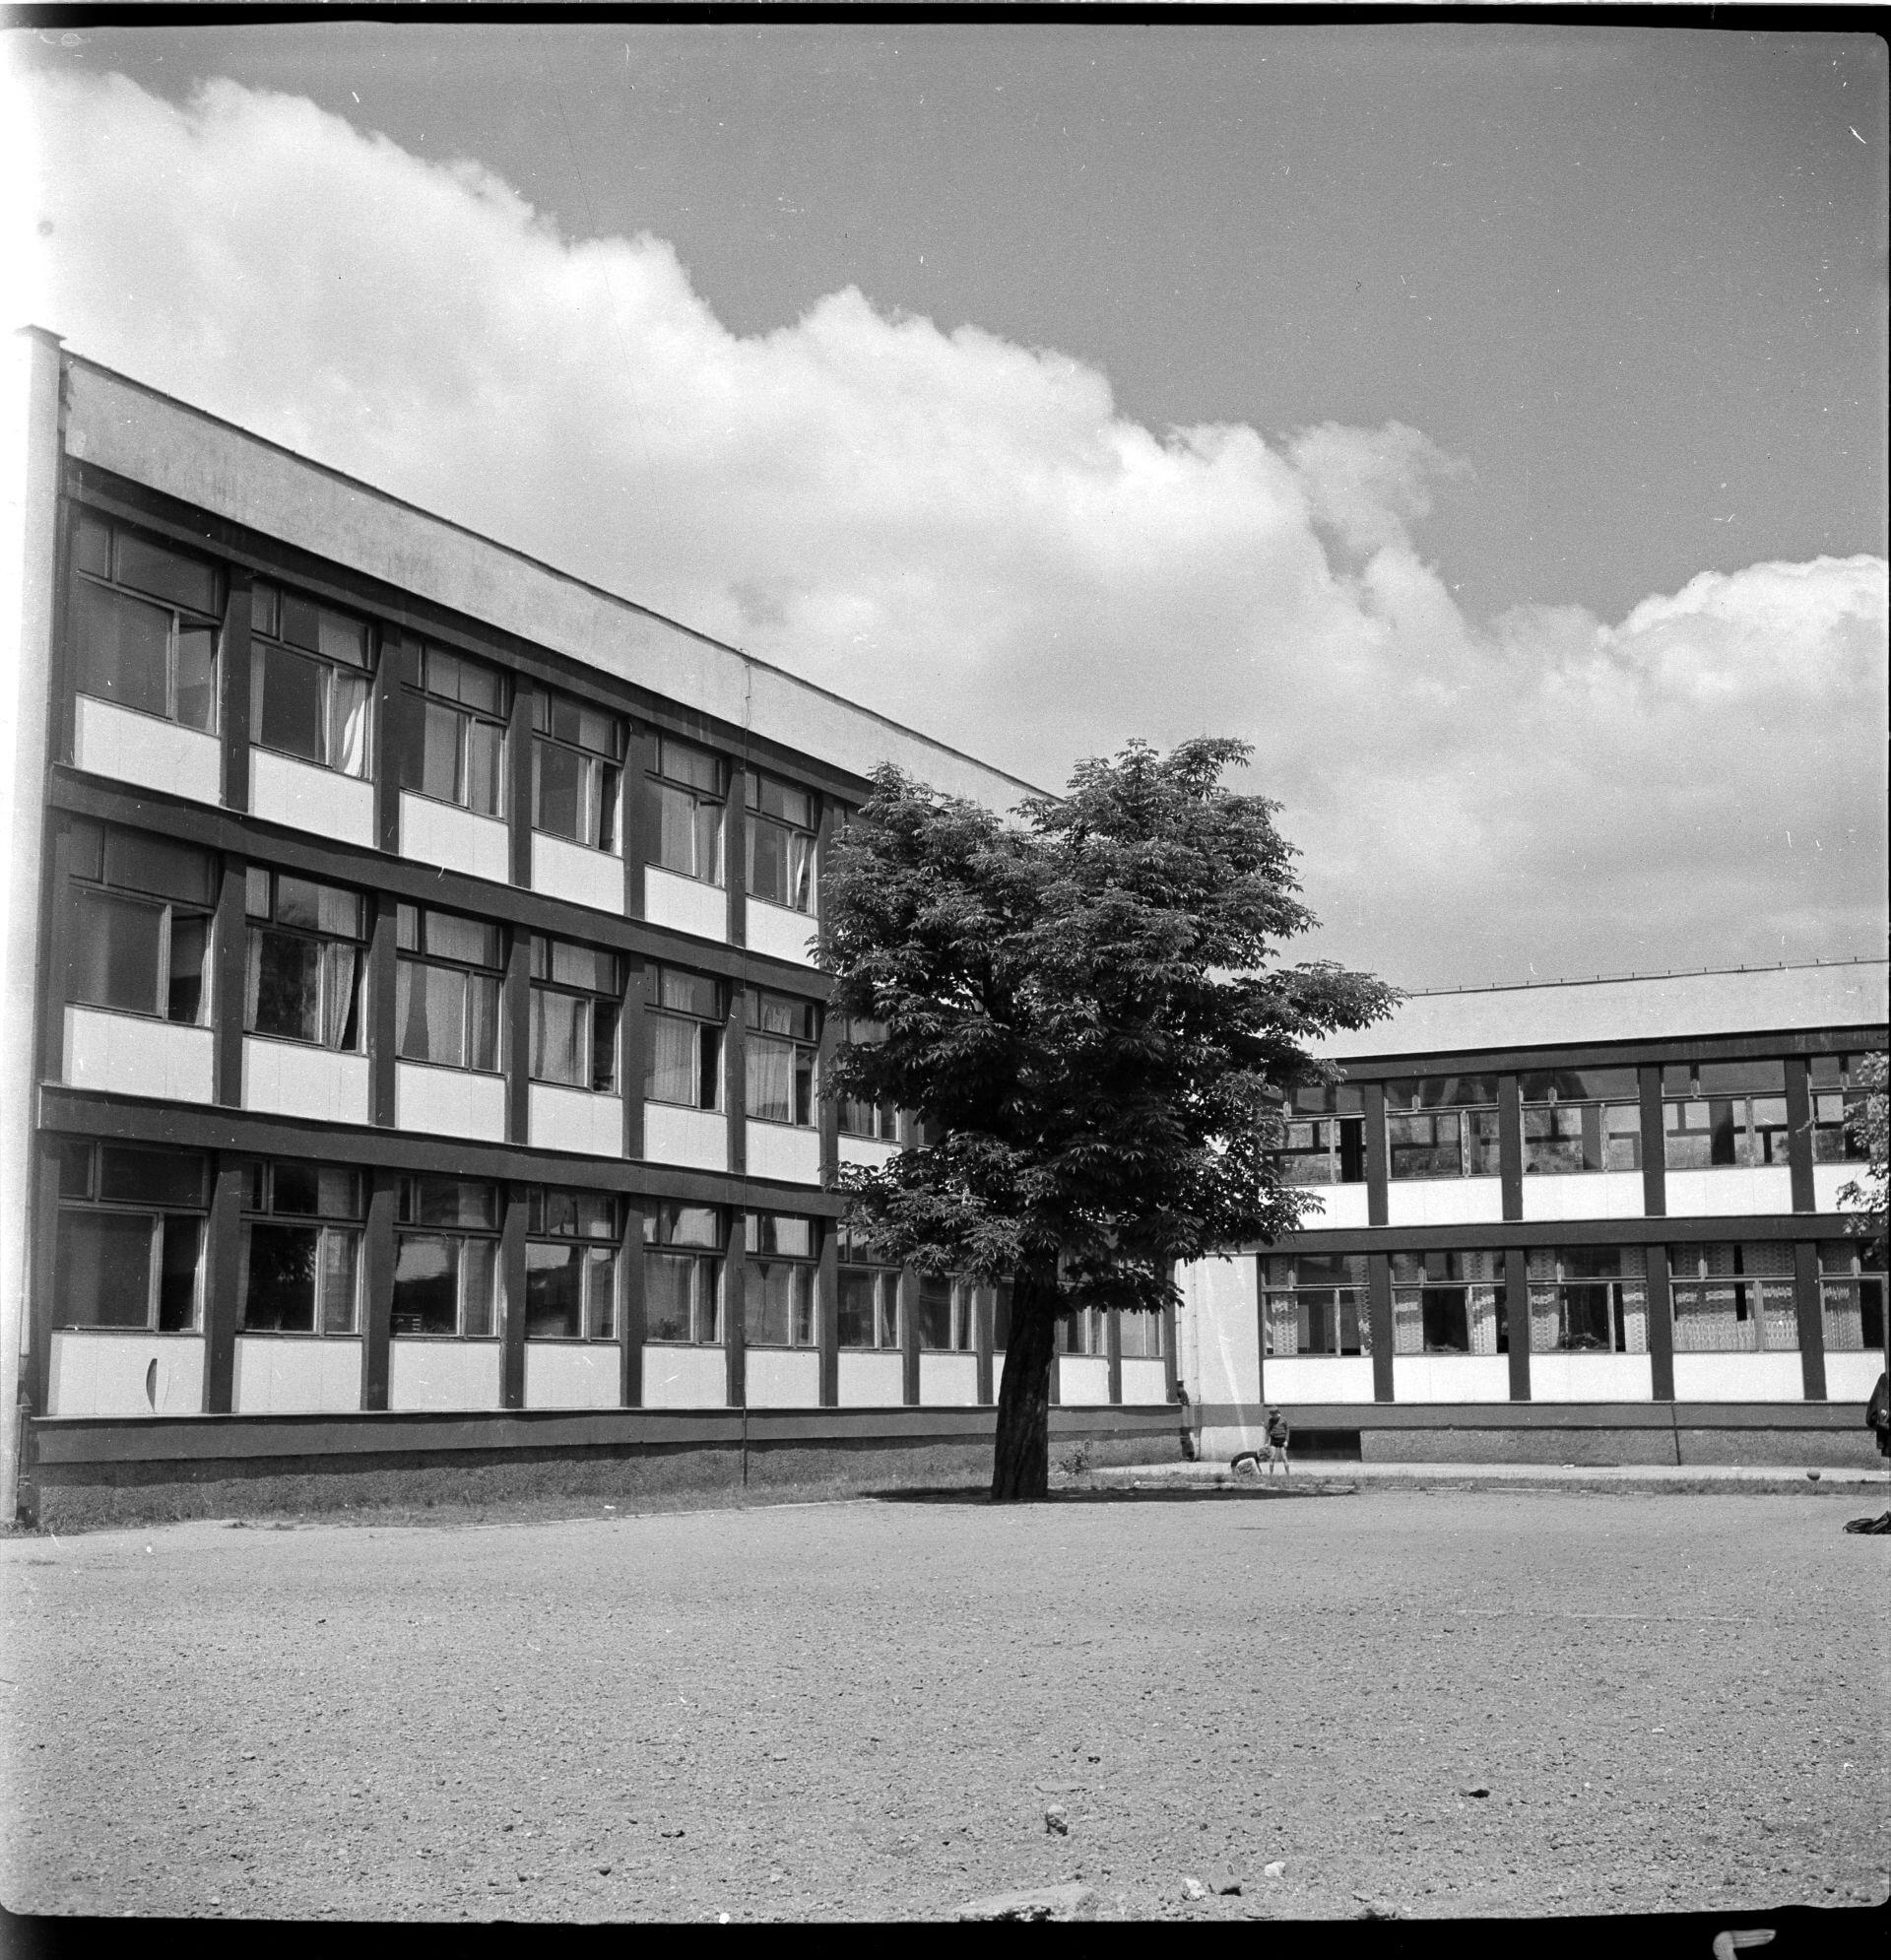 2.Szkoła Podstawowa nr 71 przy Podwalu, projekt 1955-56, realizacja 1958-60, fot. Tomasz Olszewski, zbiory Muzeum Architektury we Wrocławiu